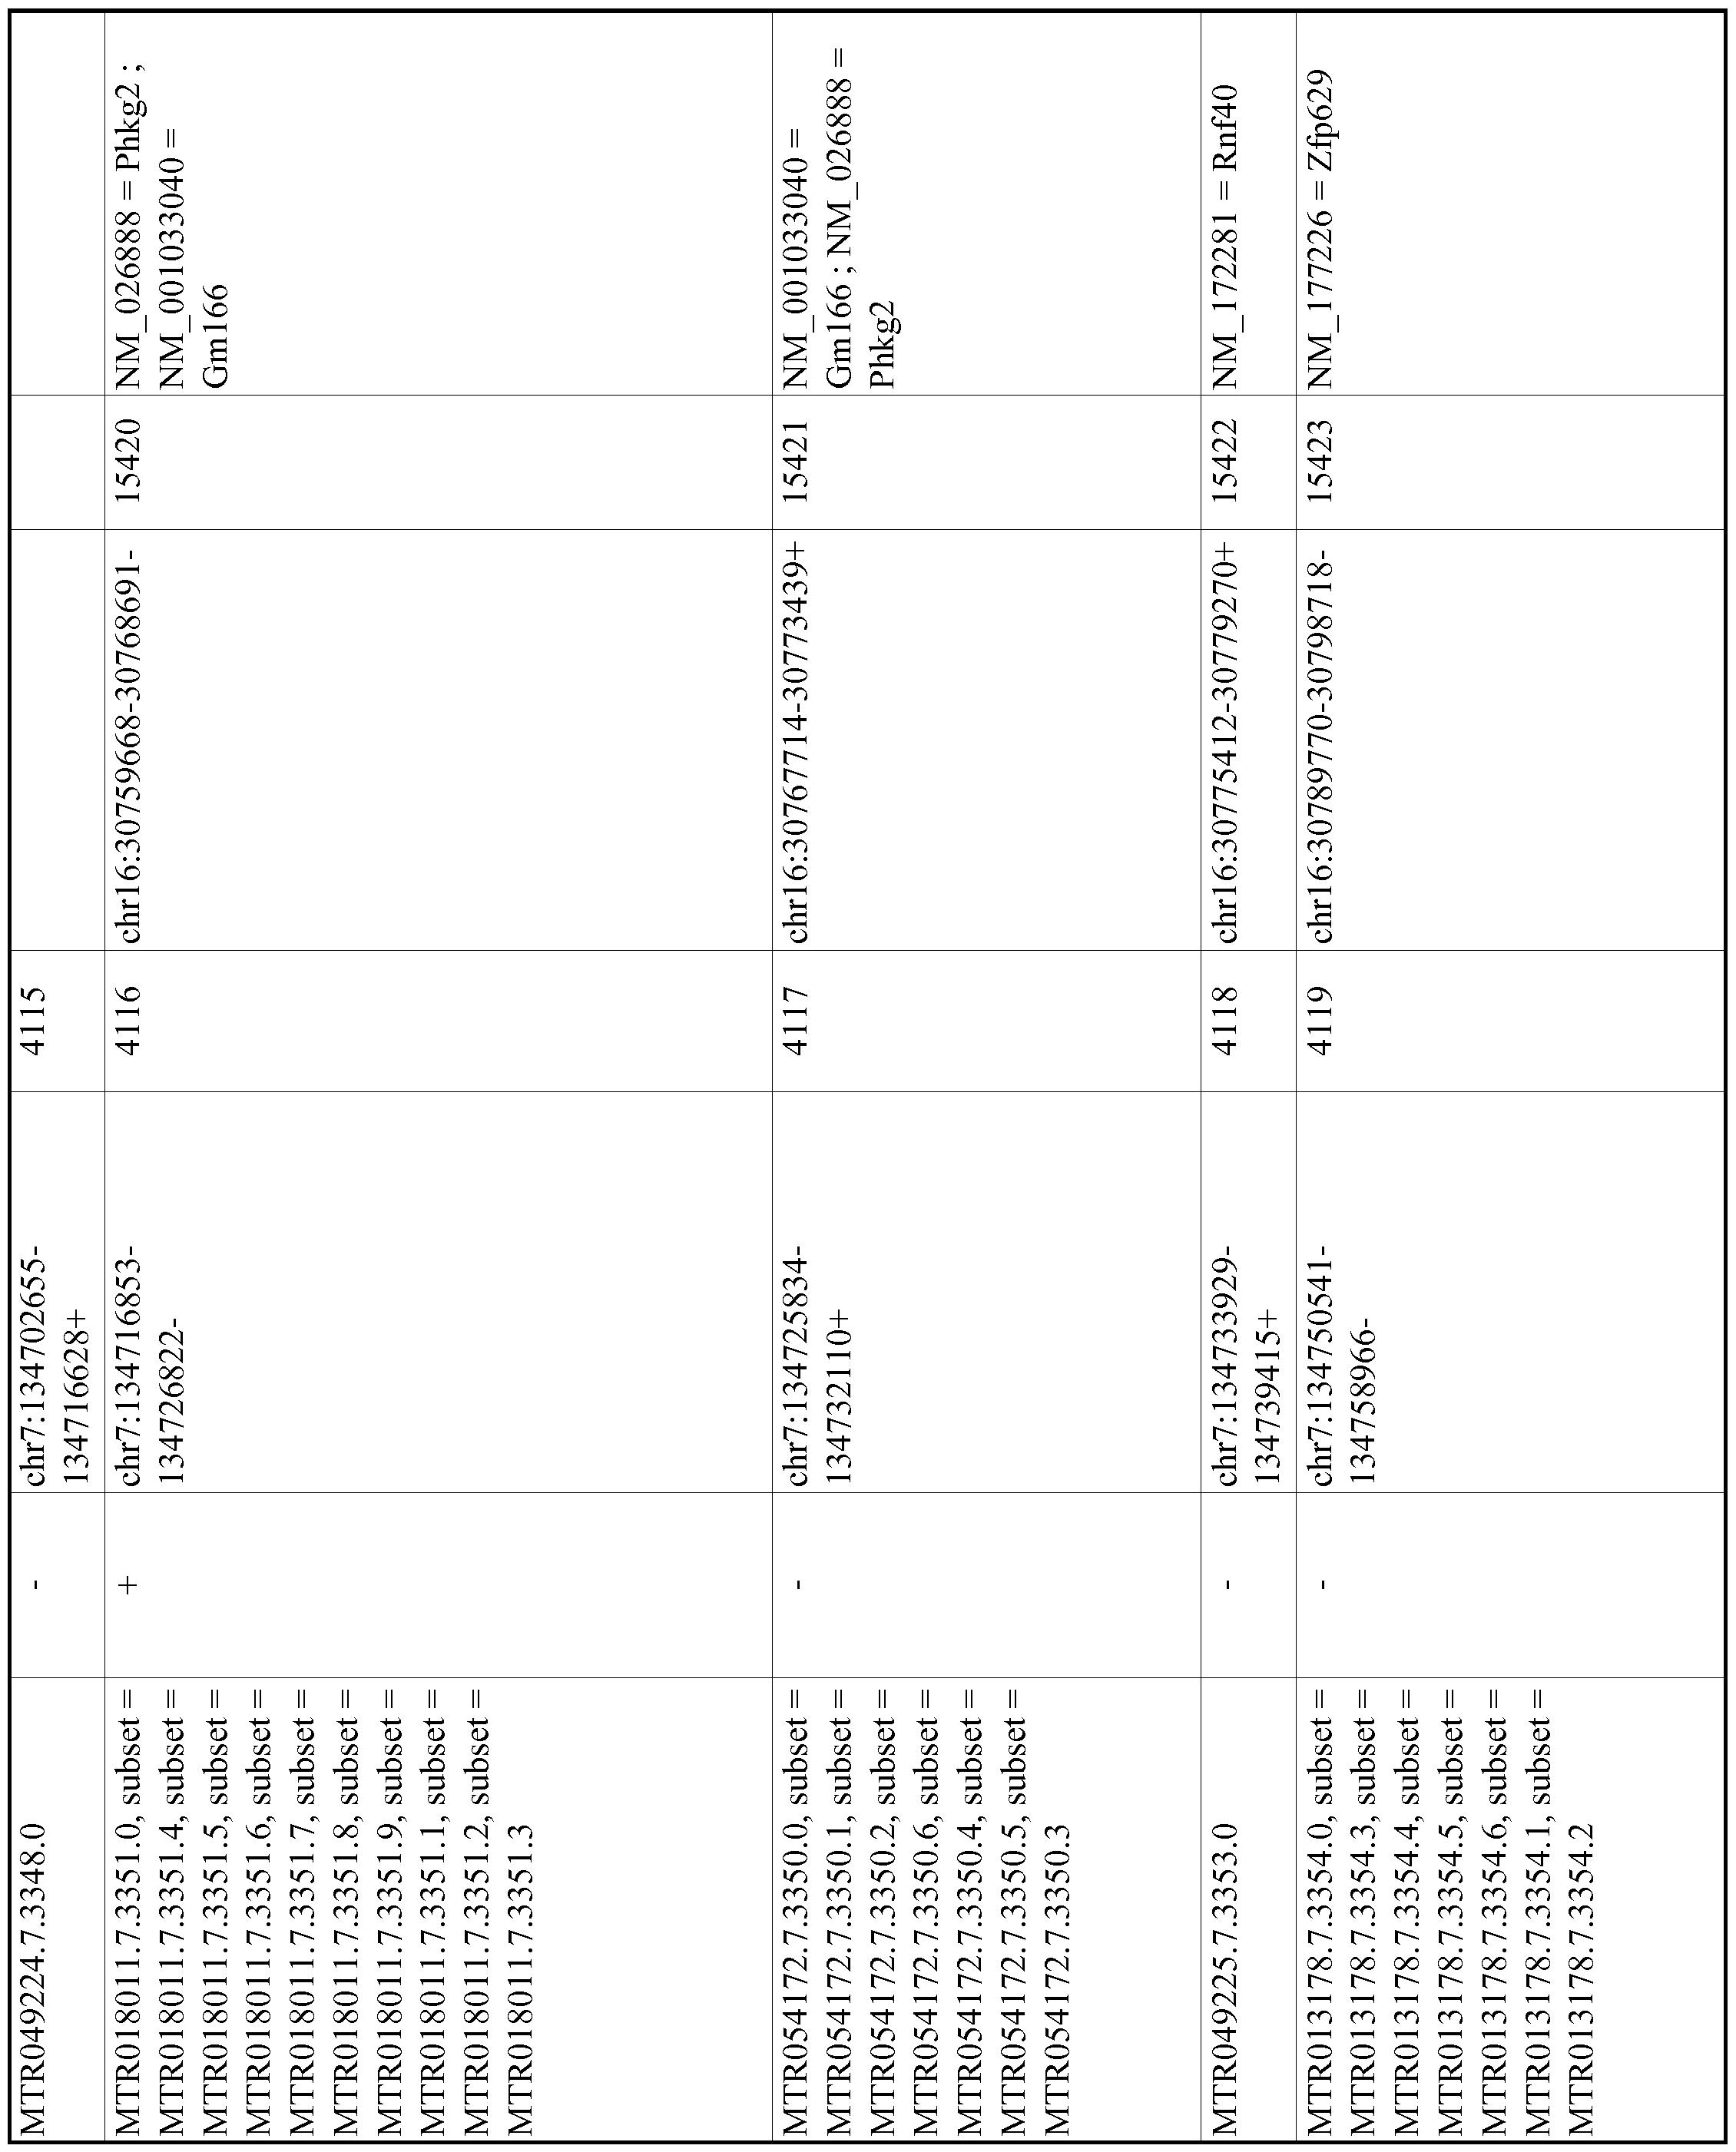 Figure imgf000778_0001